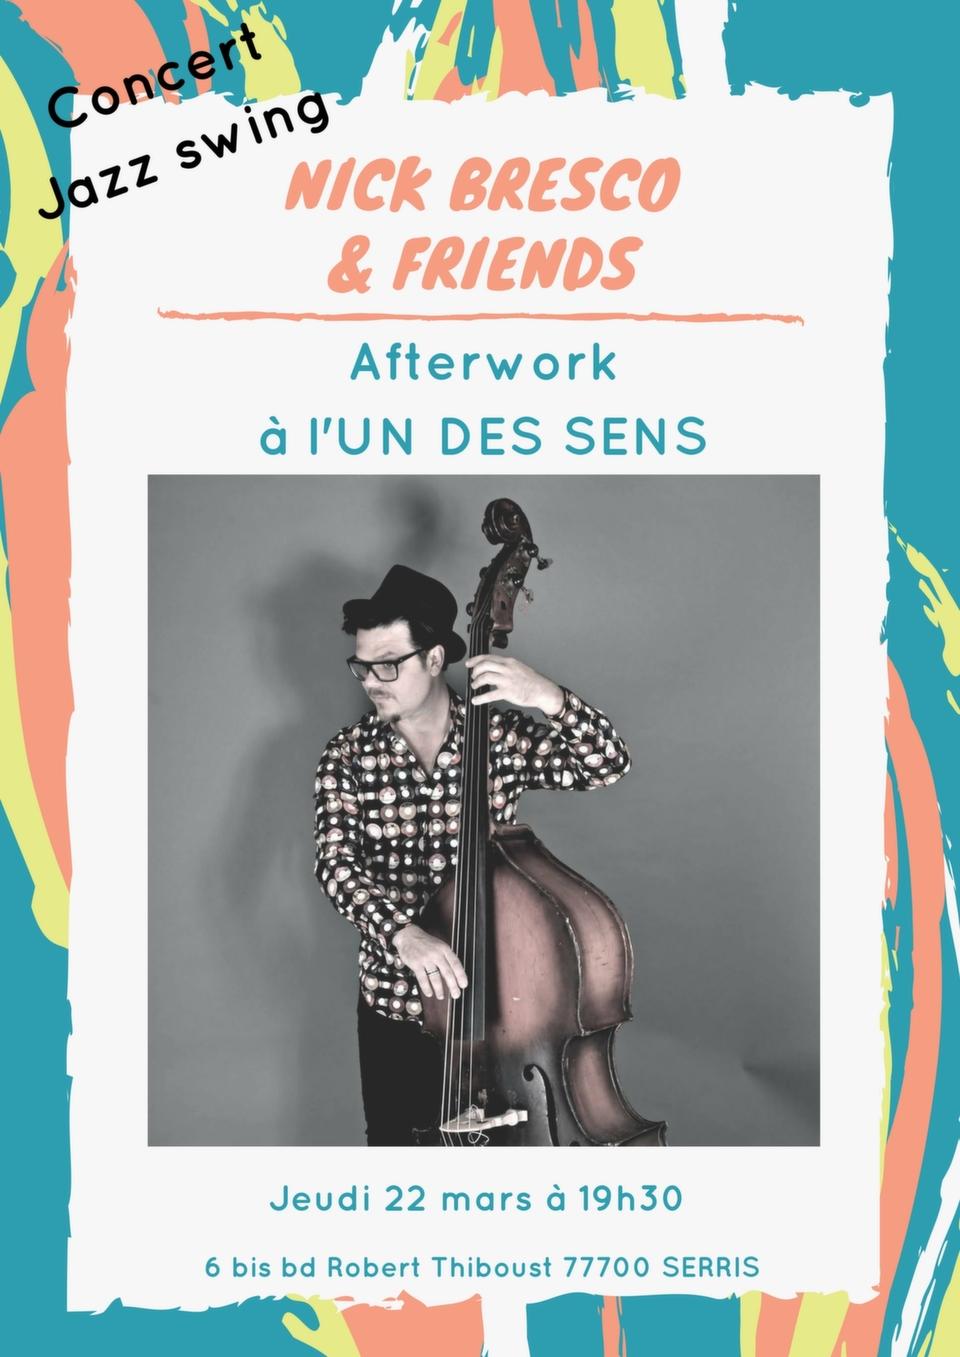 Concert afterwork jazz swing à l'Un Des Sens jeudi 22 mars 2018 à 19h00 avec Nick Bresco au chant et contrebasse, Roger Deroeux au piano et Charles Charlie Benarroch à la batterie. <br />#afterwork #concertjazz #liveconcert